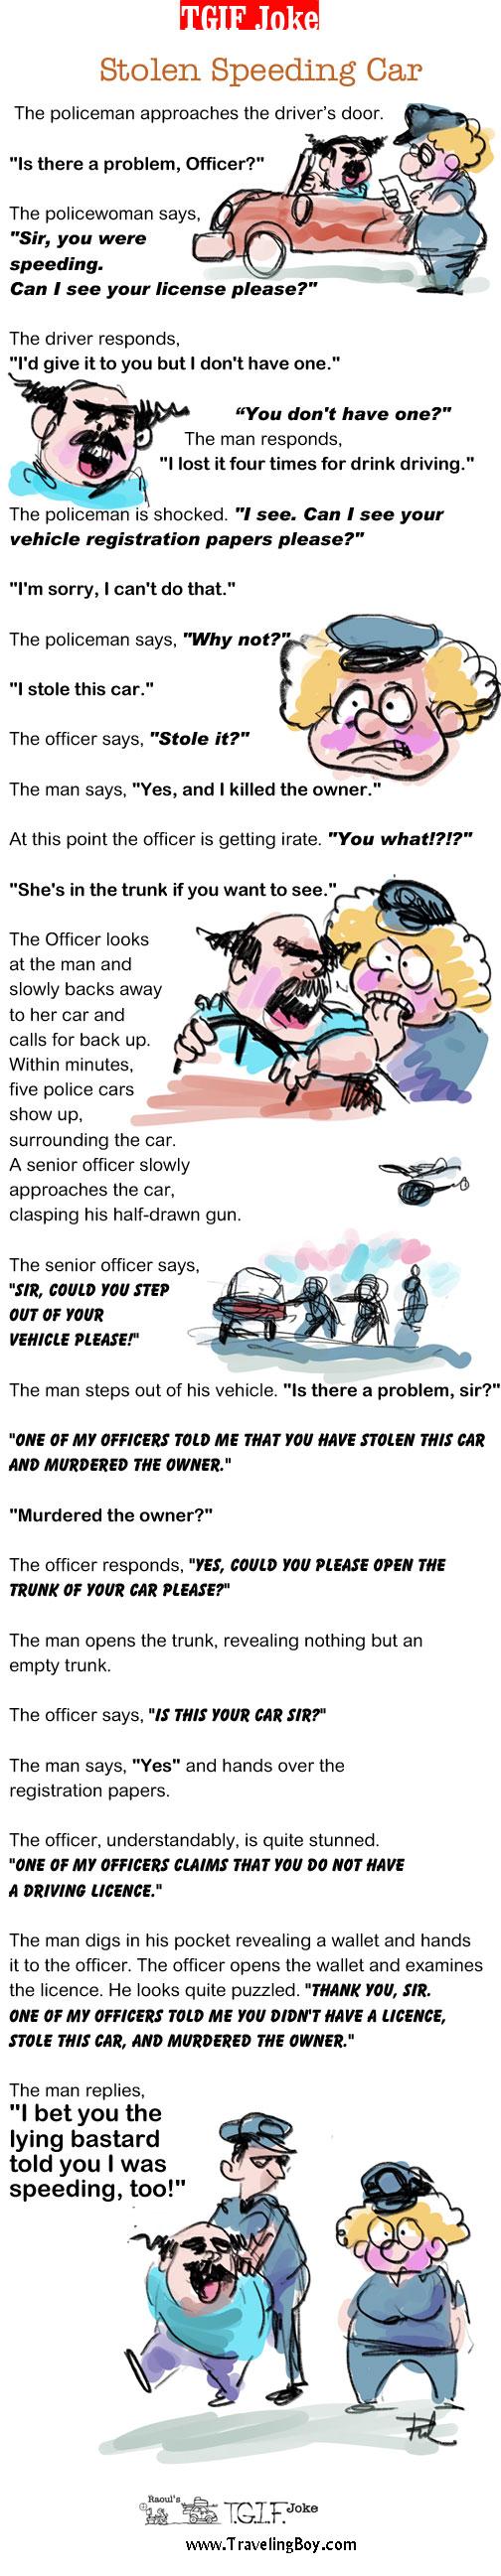 TGIF Joke of the Week: Stolen Speeding Car